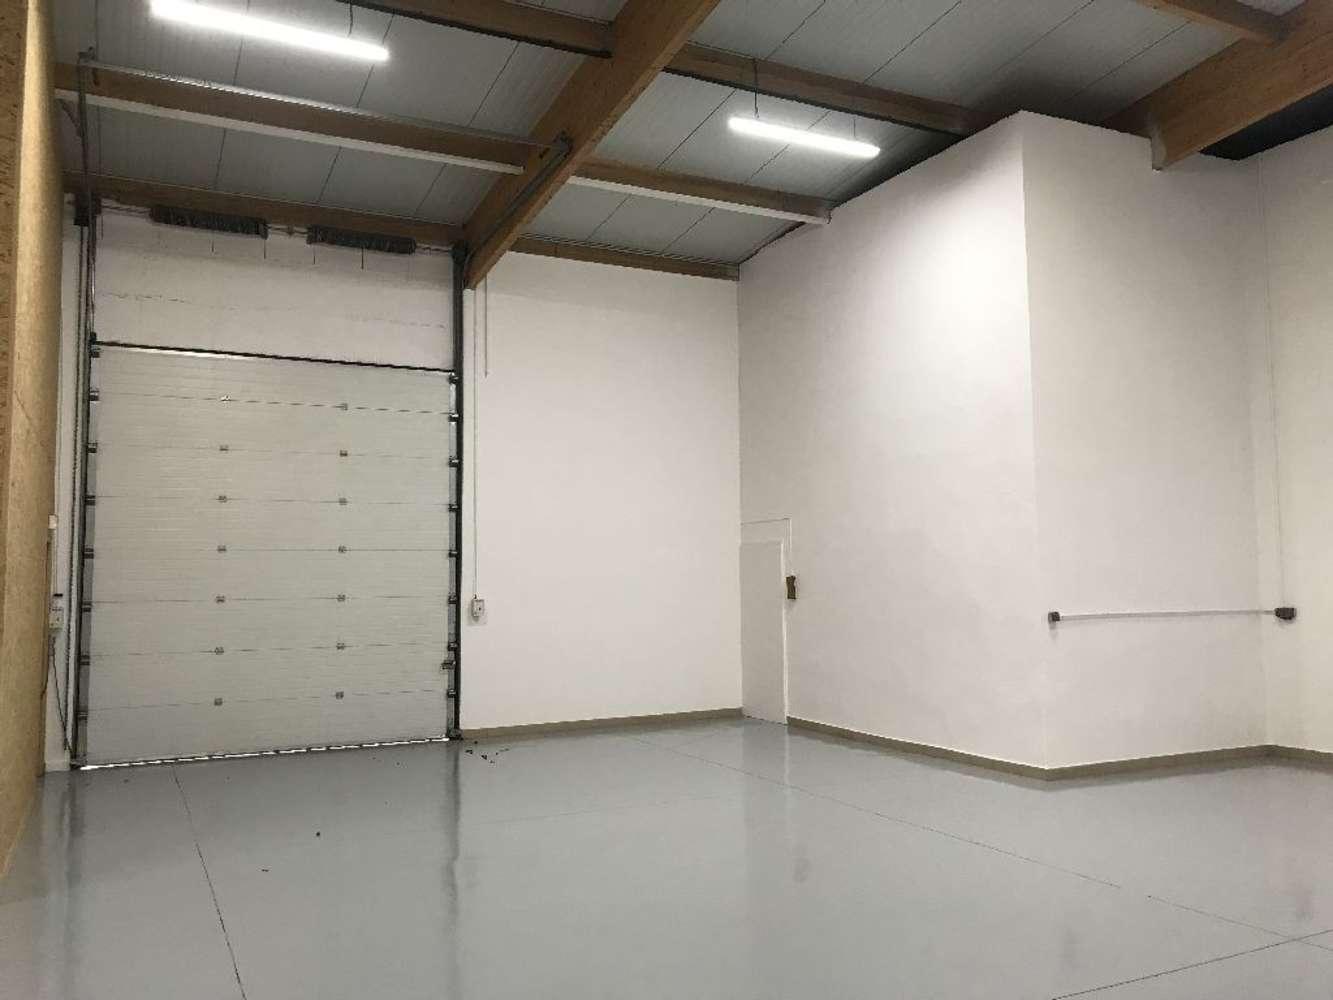 Activités/entrepôt Toussieu, 69780 - Locaux industriels à louer - Toussieu - 10056208